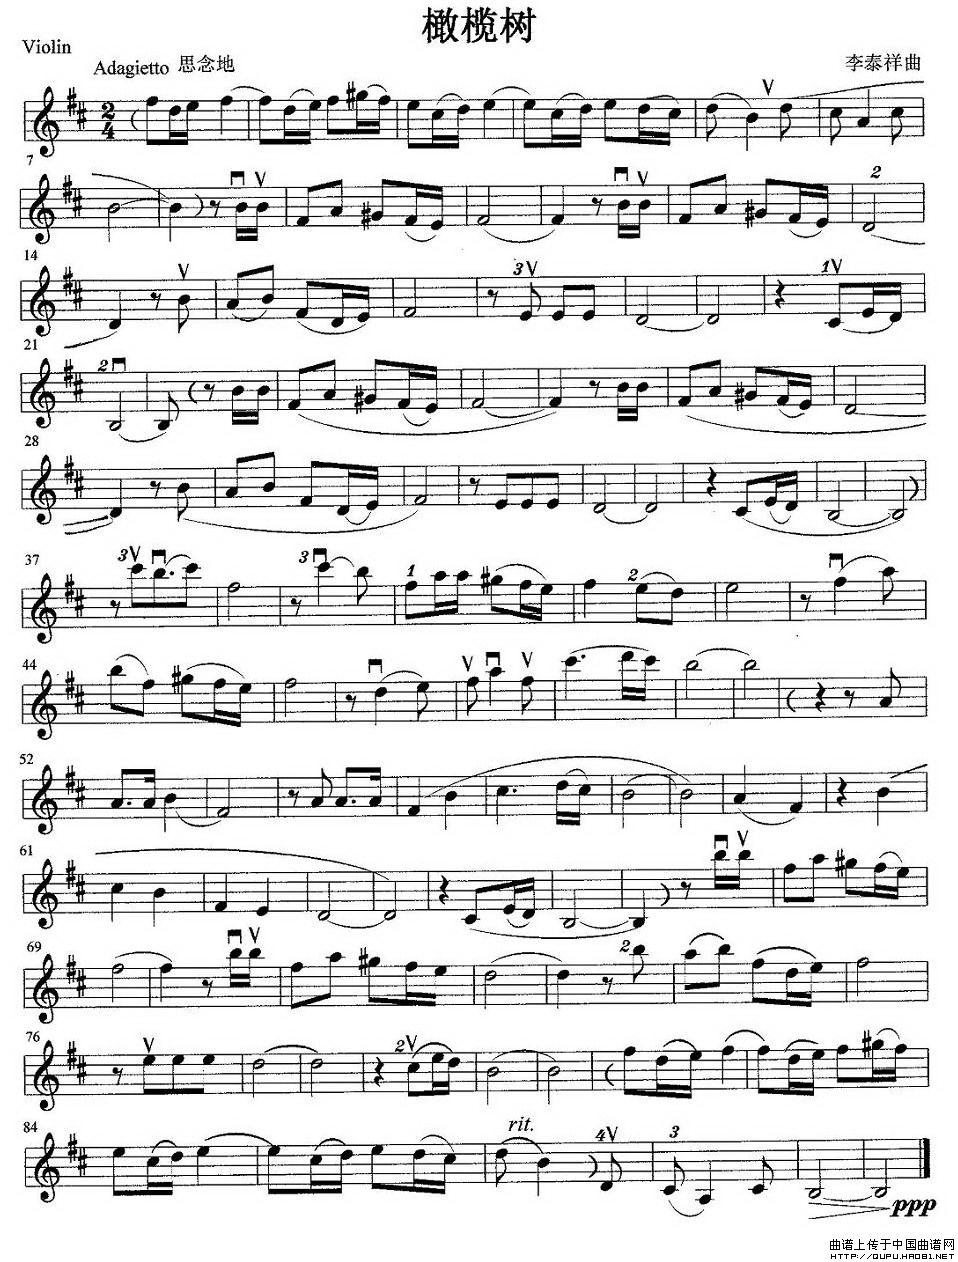 橄榄树提琴谱 电影 欢颜 主题曲 器乐乐谱 中国曲谱网